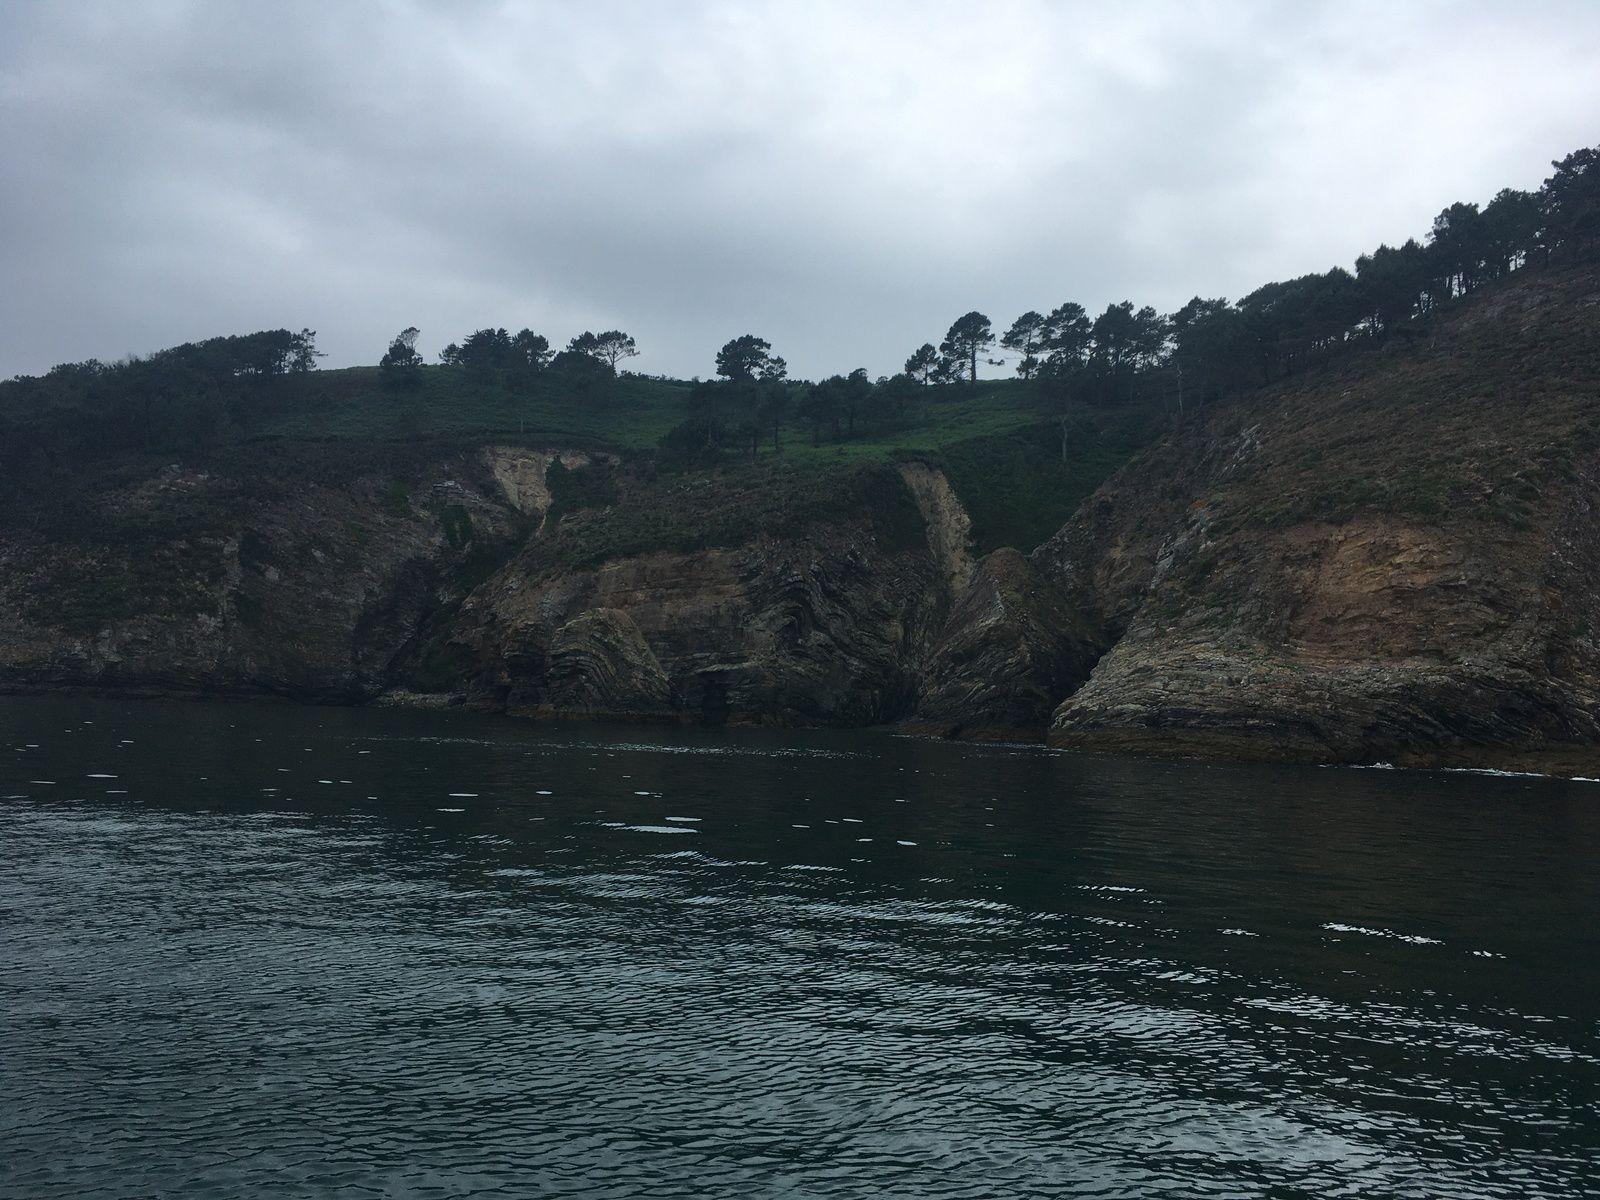 19 juin 2021 : cap de la chèvre et anse de St-Nicolas en bateau